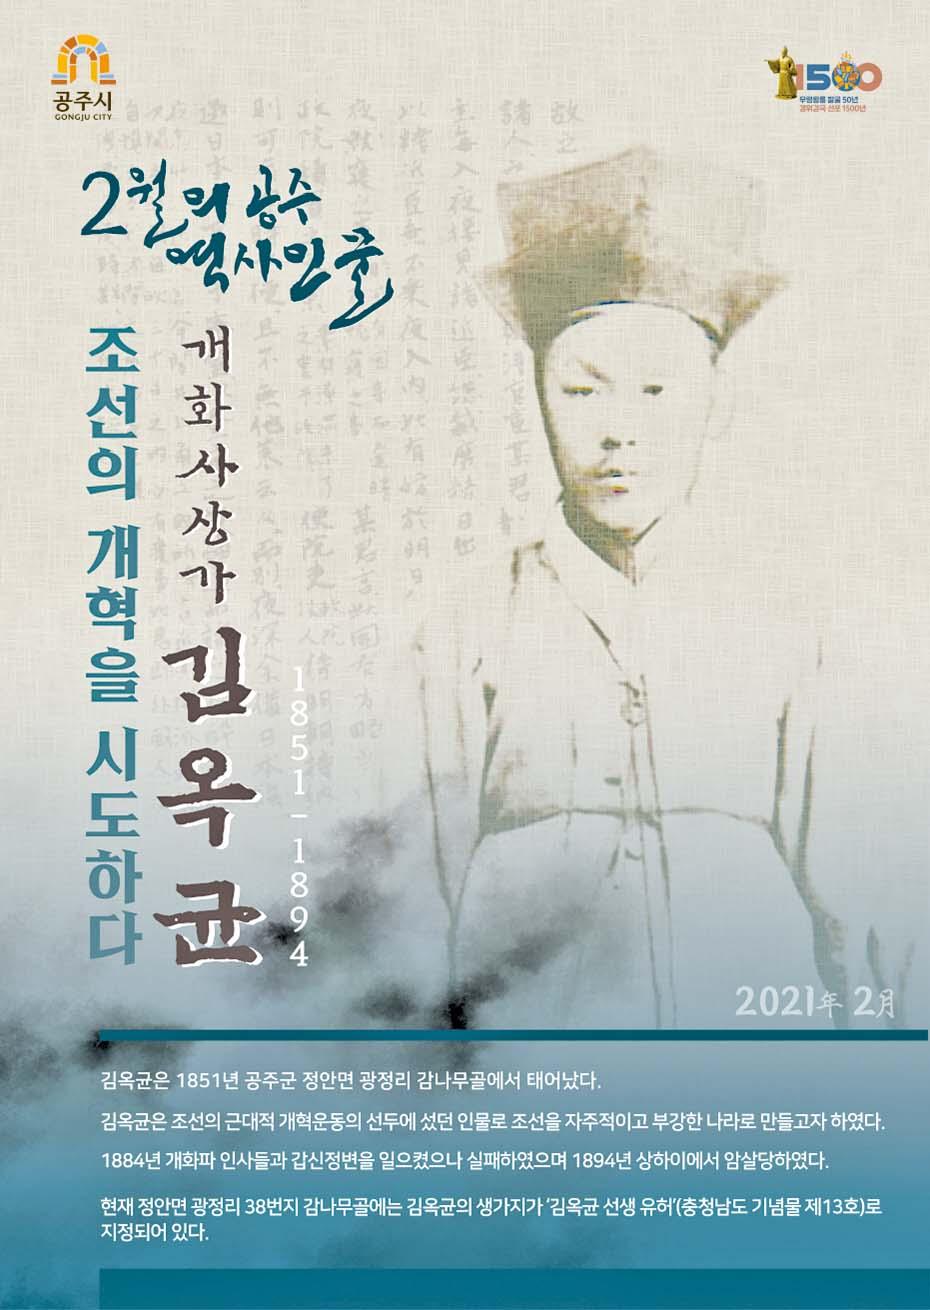 2월의 역사인물 '김옥균' 선정